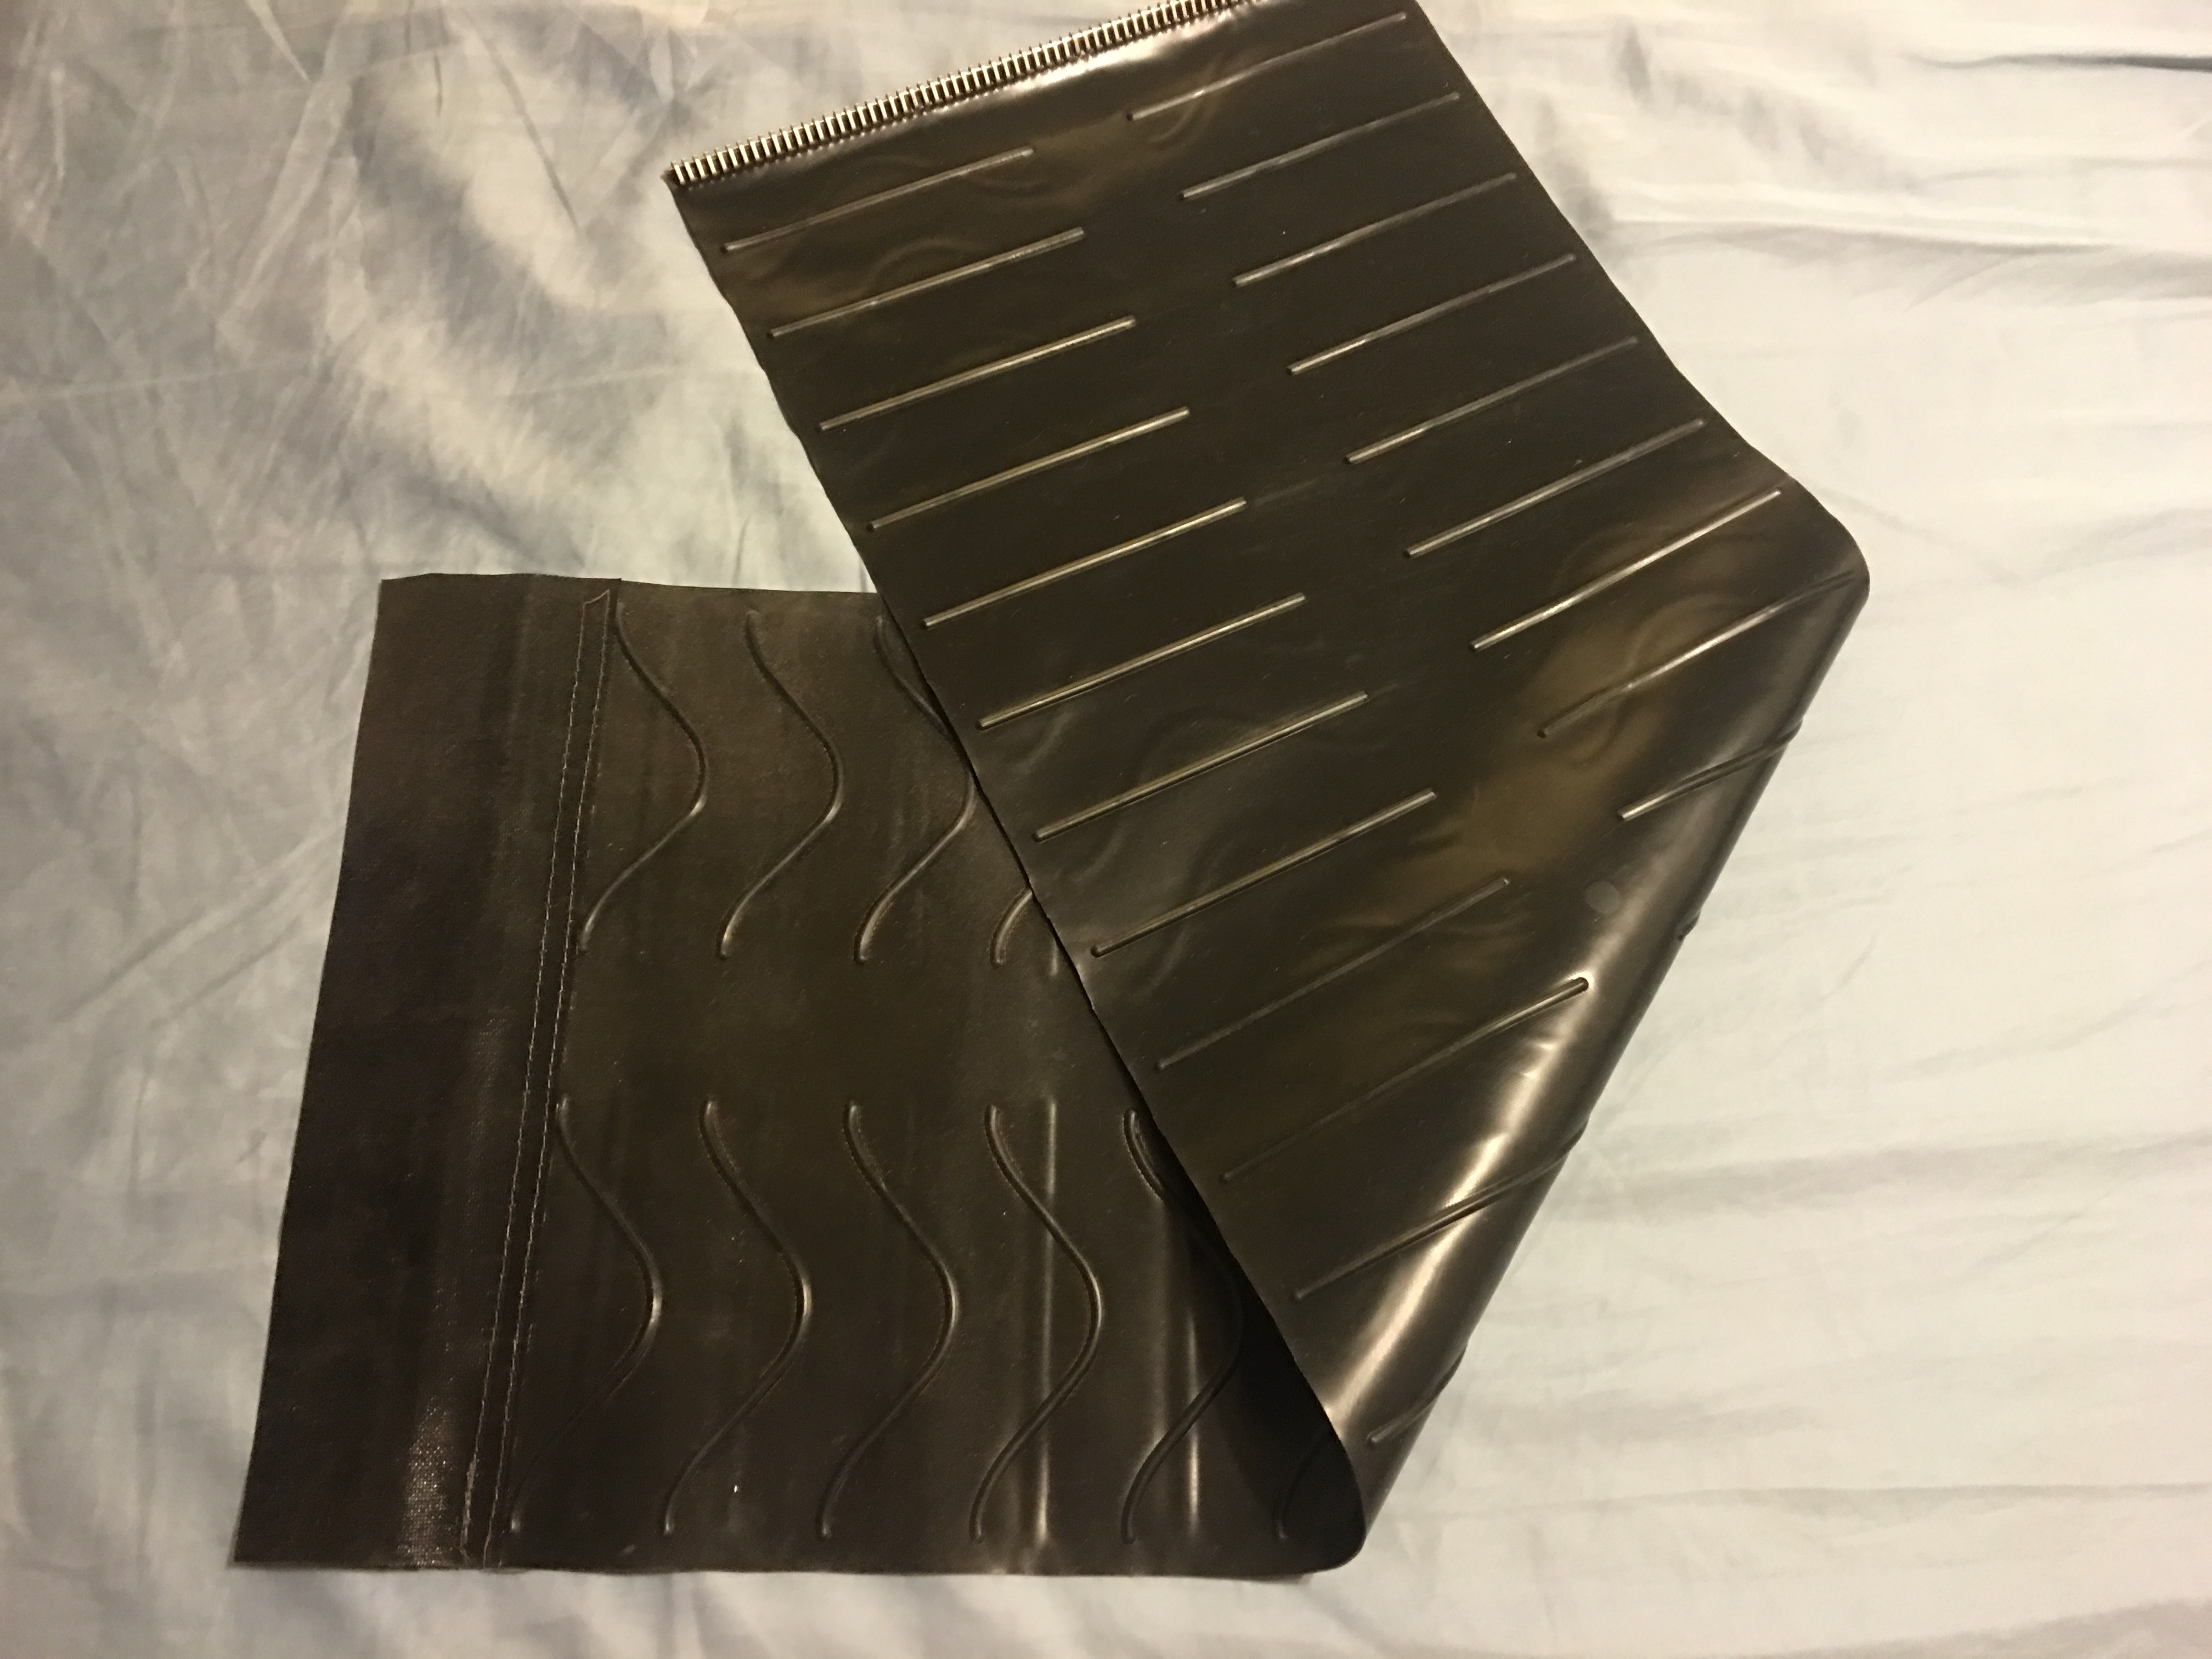 Ptfe Release Sheets Amp Toaster Belts Fabri Tek